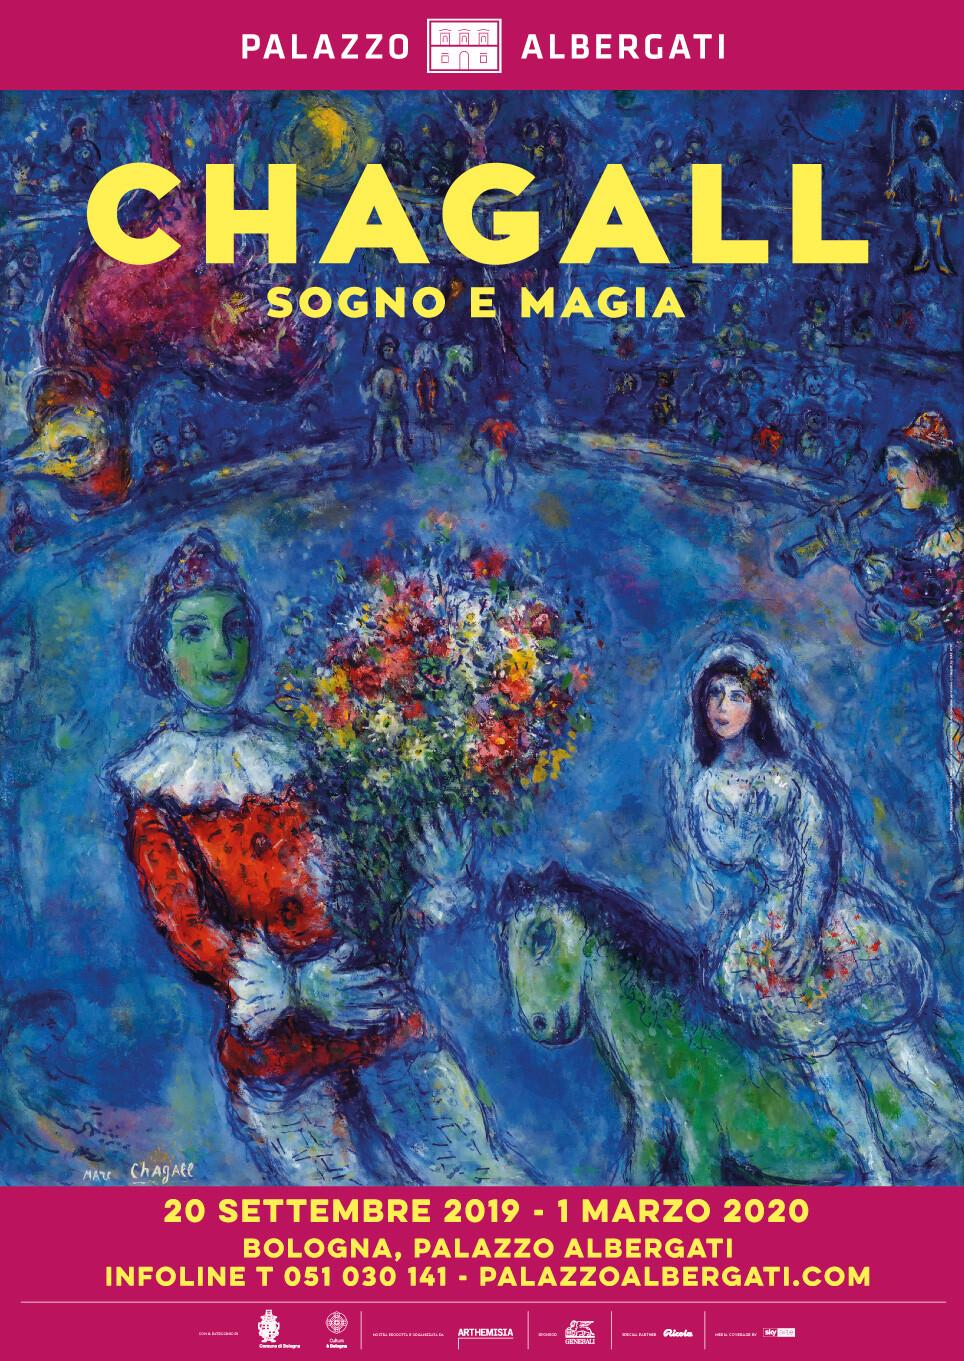 Chagall. Sogno e magia in mostra a Palazzo Albergati, Bologna